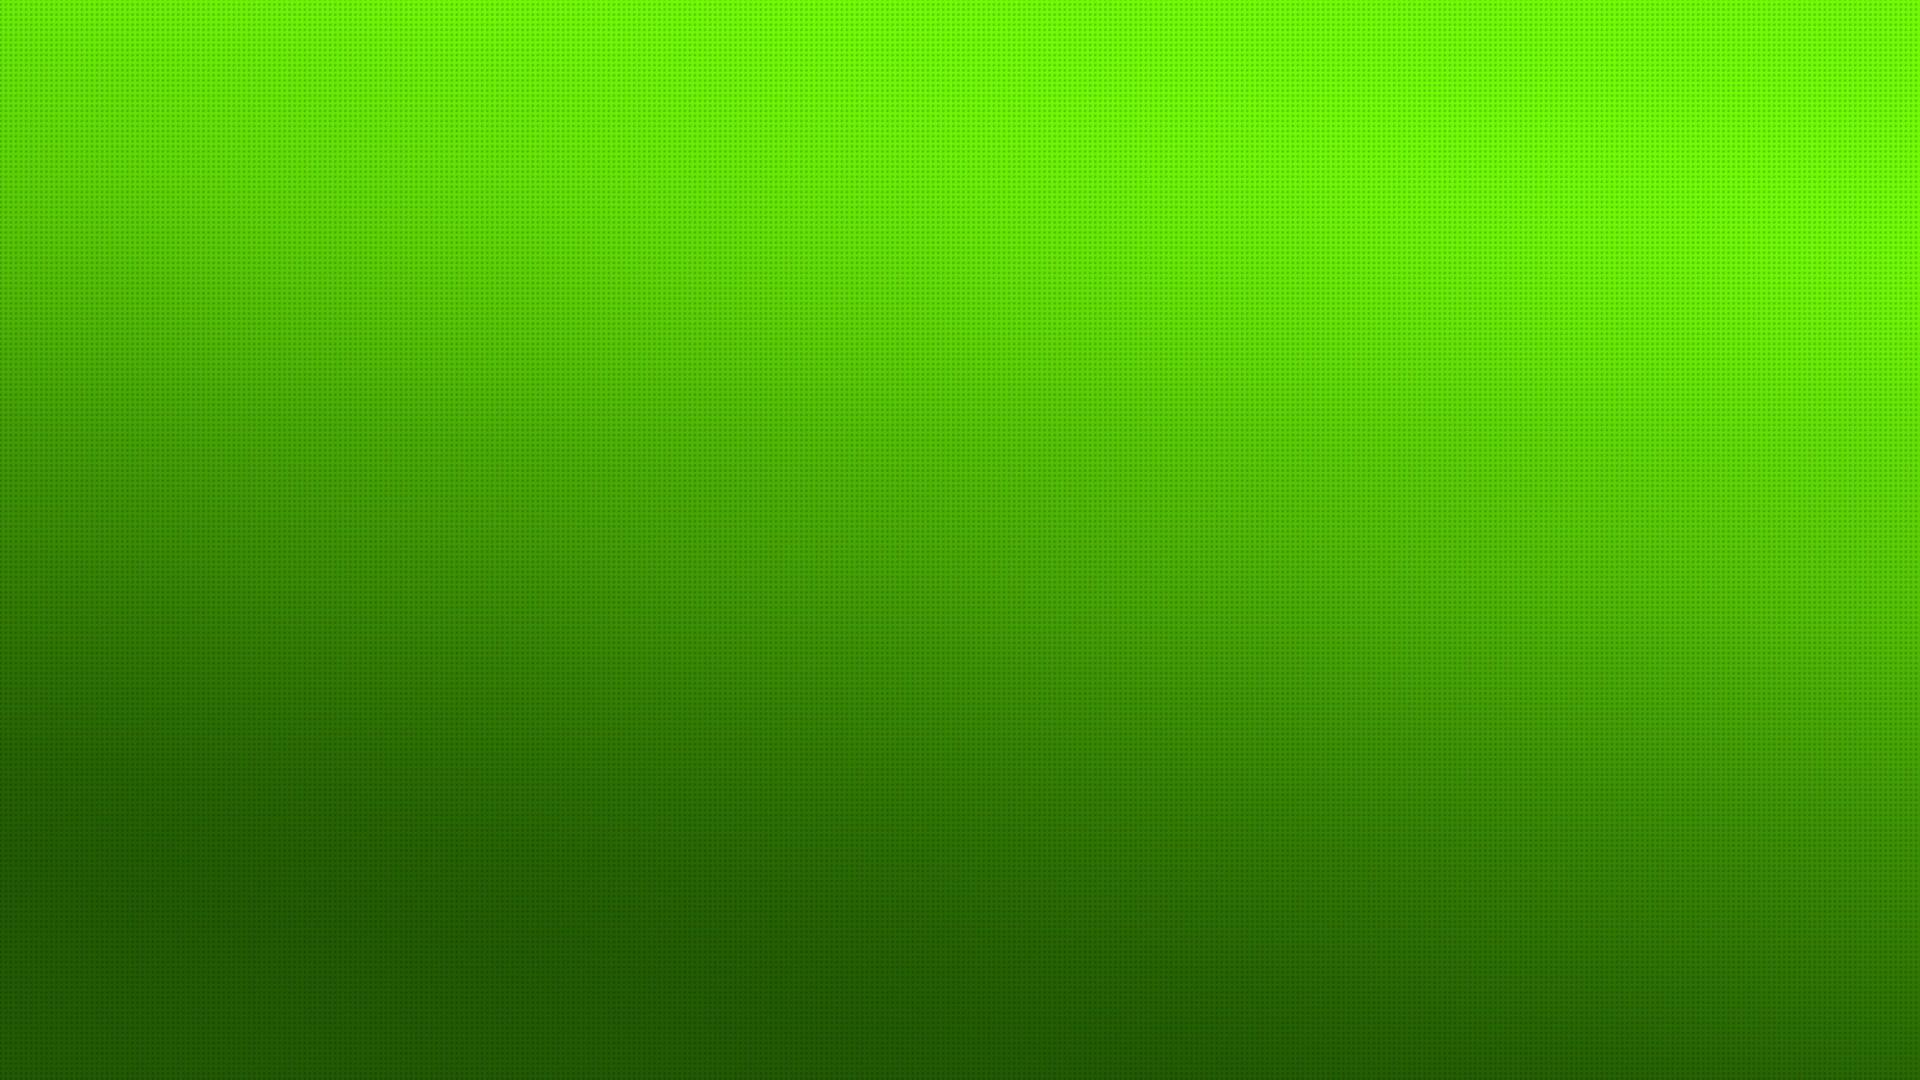 картинки с зеленым фоном ответ